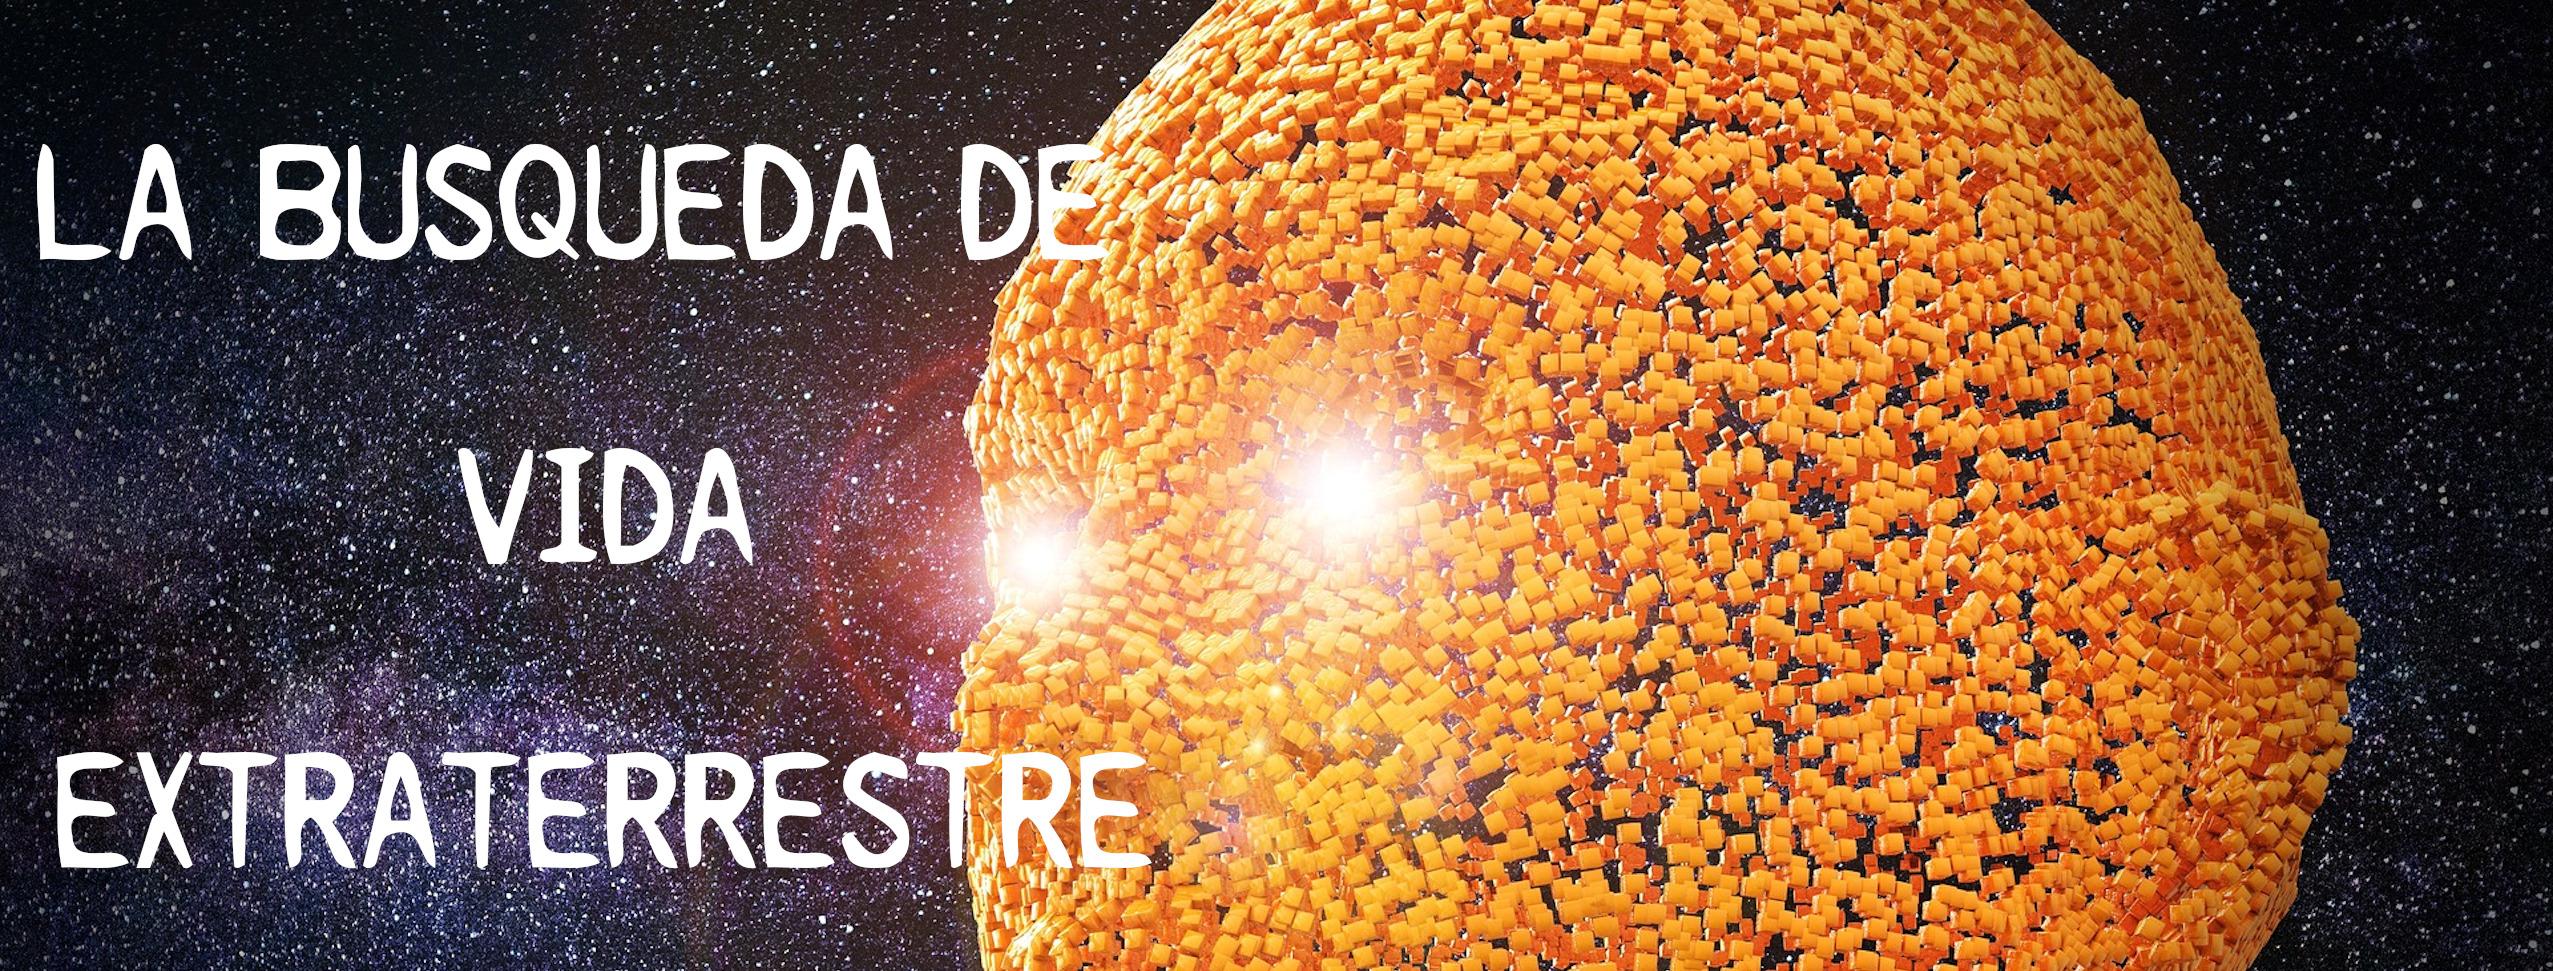 SETI, busqueda de vida extraterrestre, contacto con extraterrestres